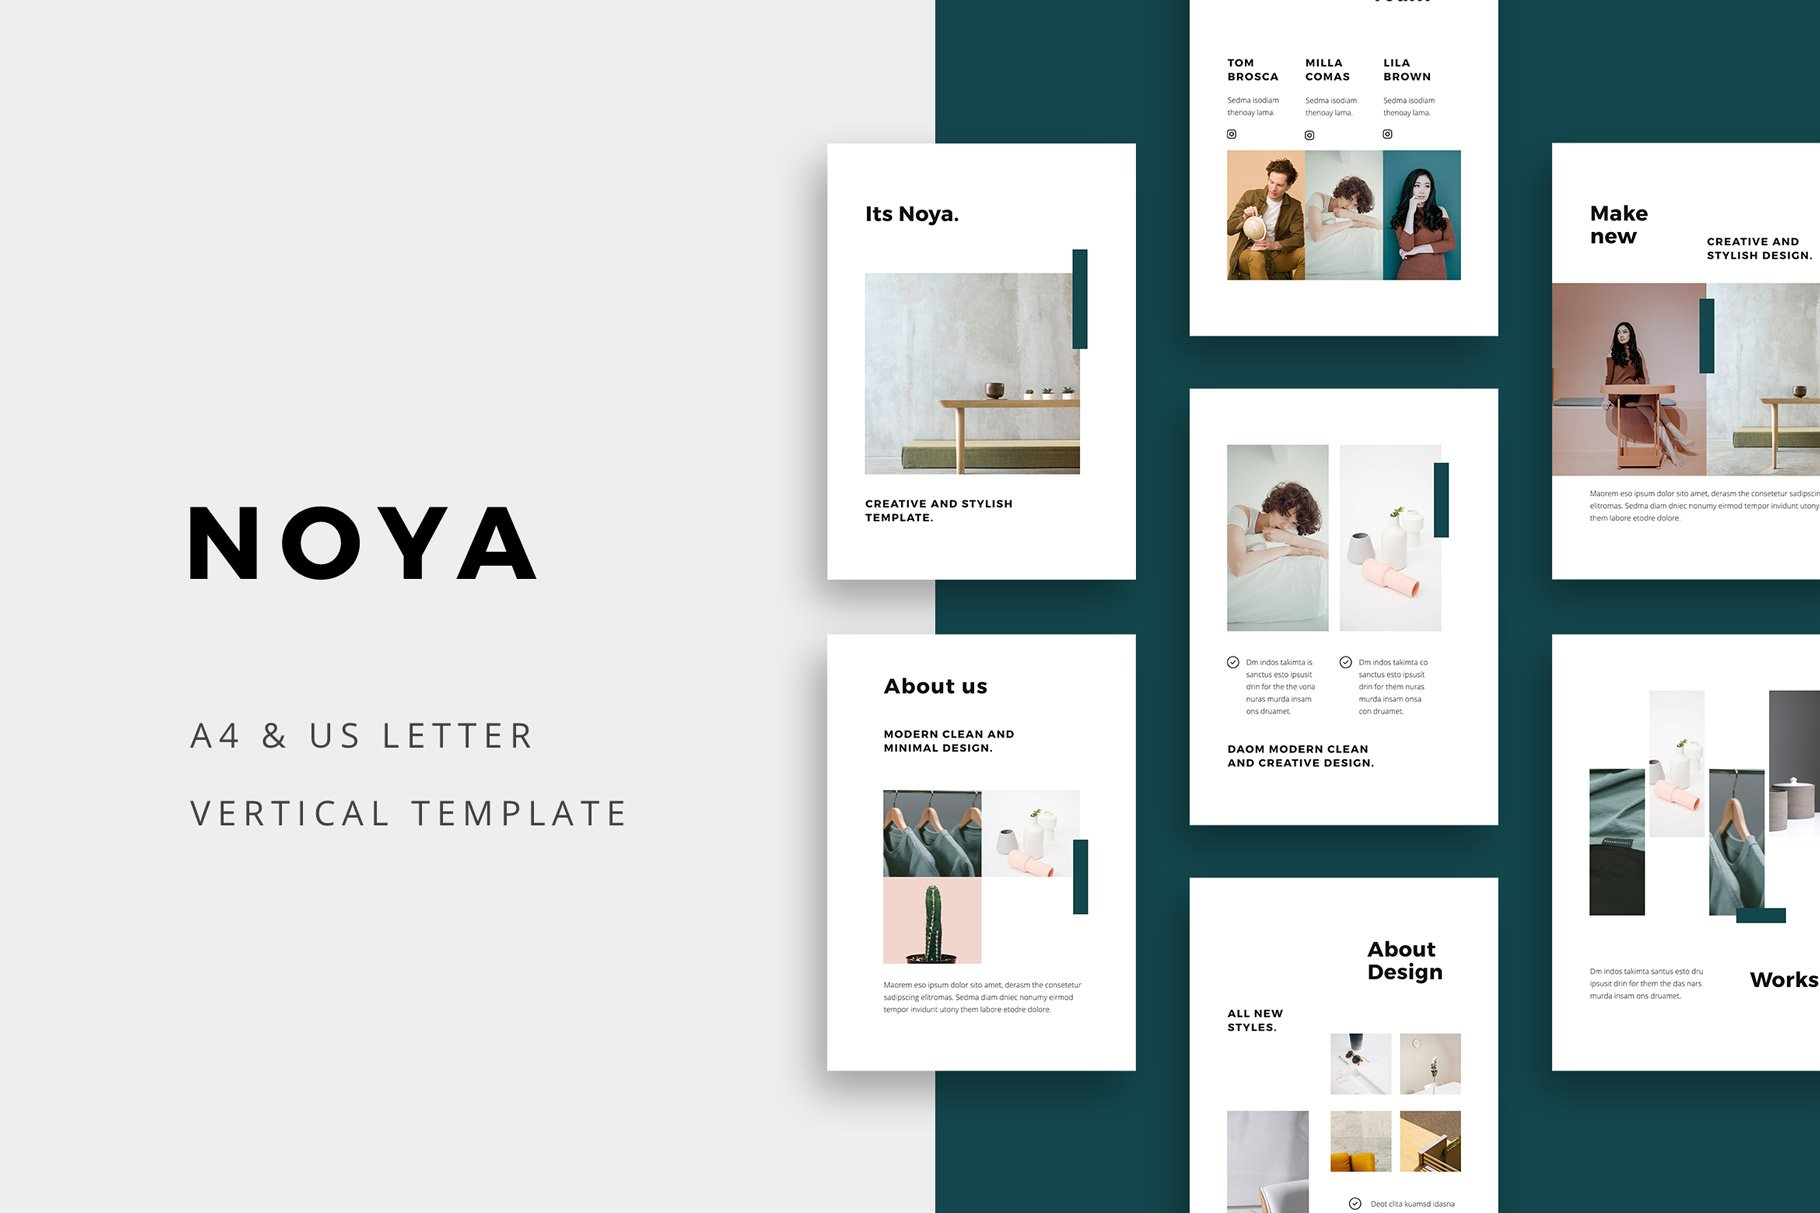 别致垂直A4女性服装品牌介绍PPT模板 NOYA – Vertical Powerpoint Template插图